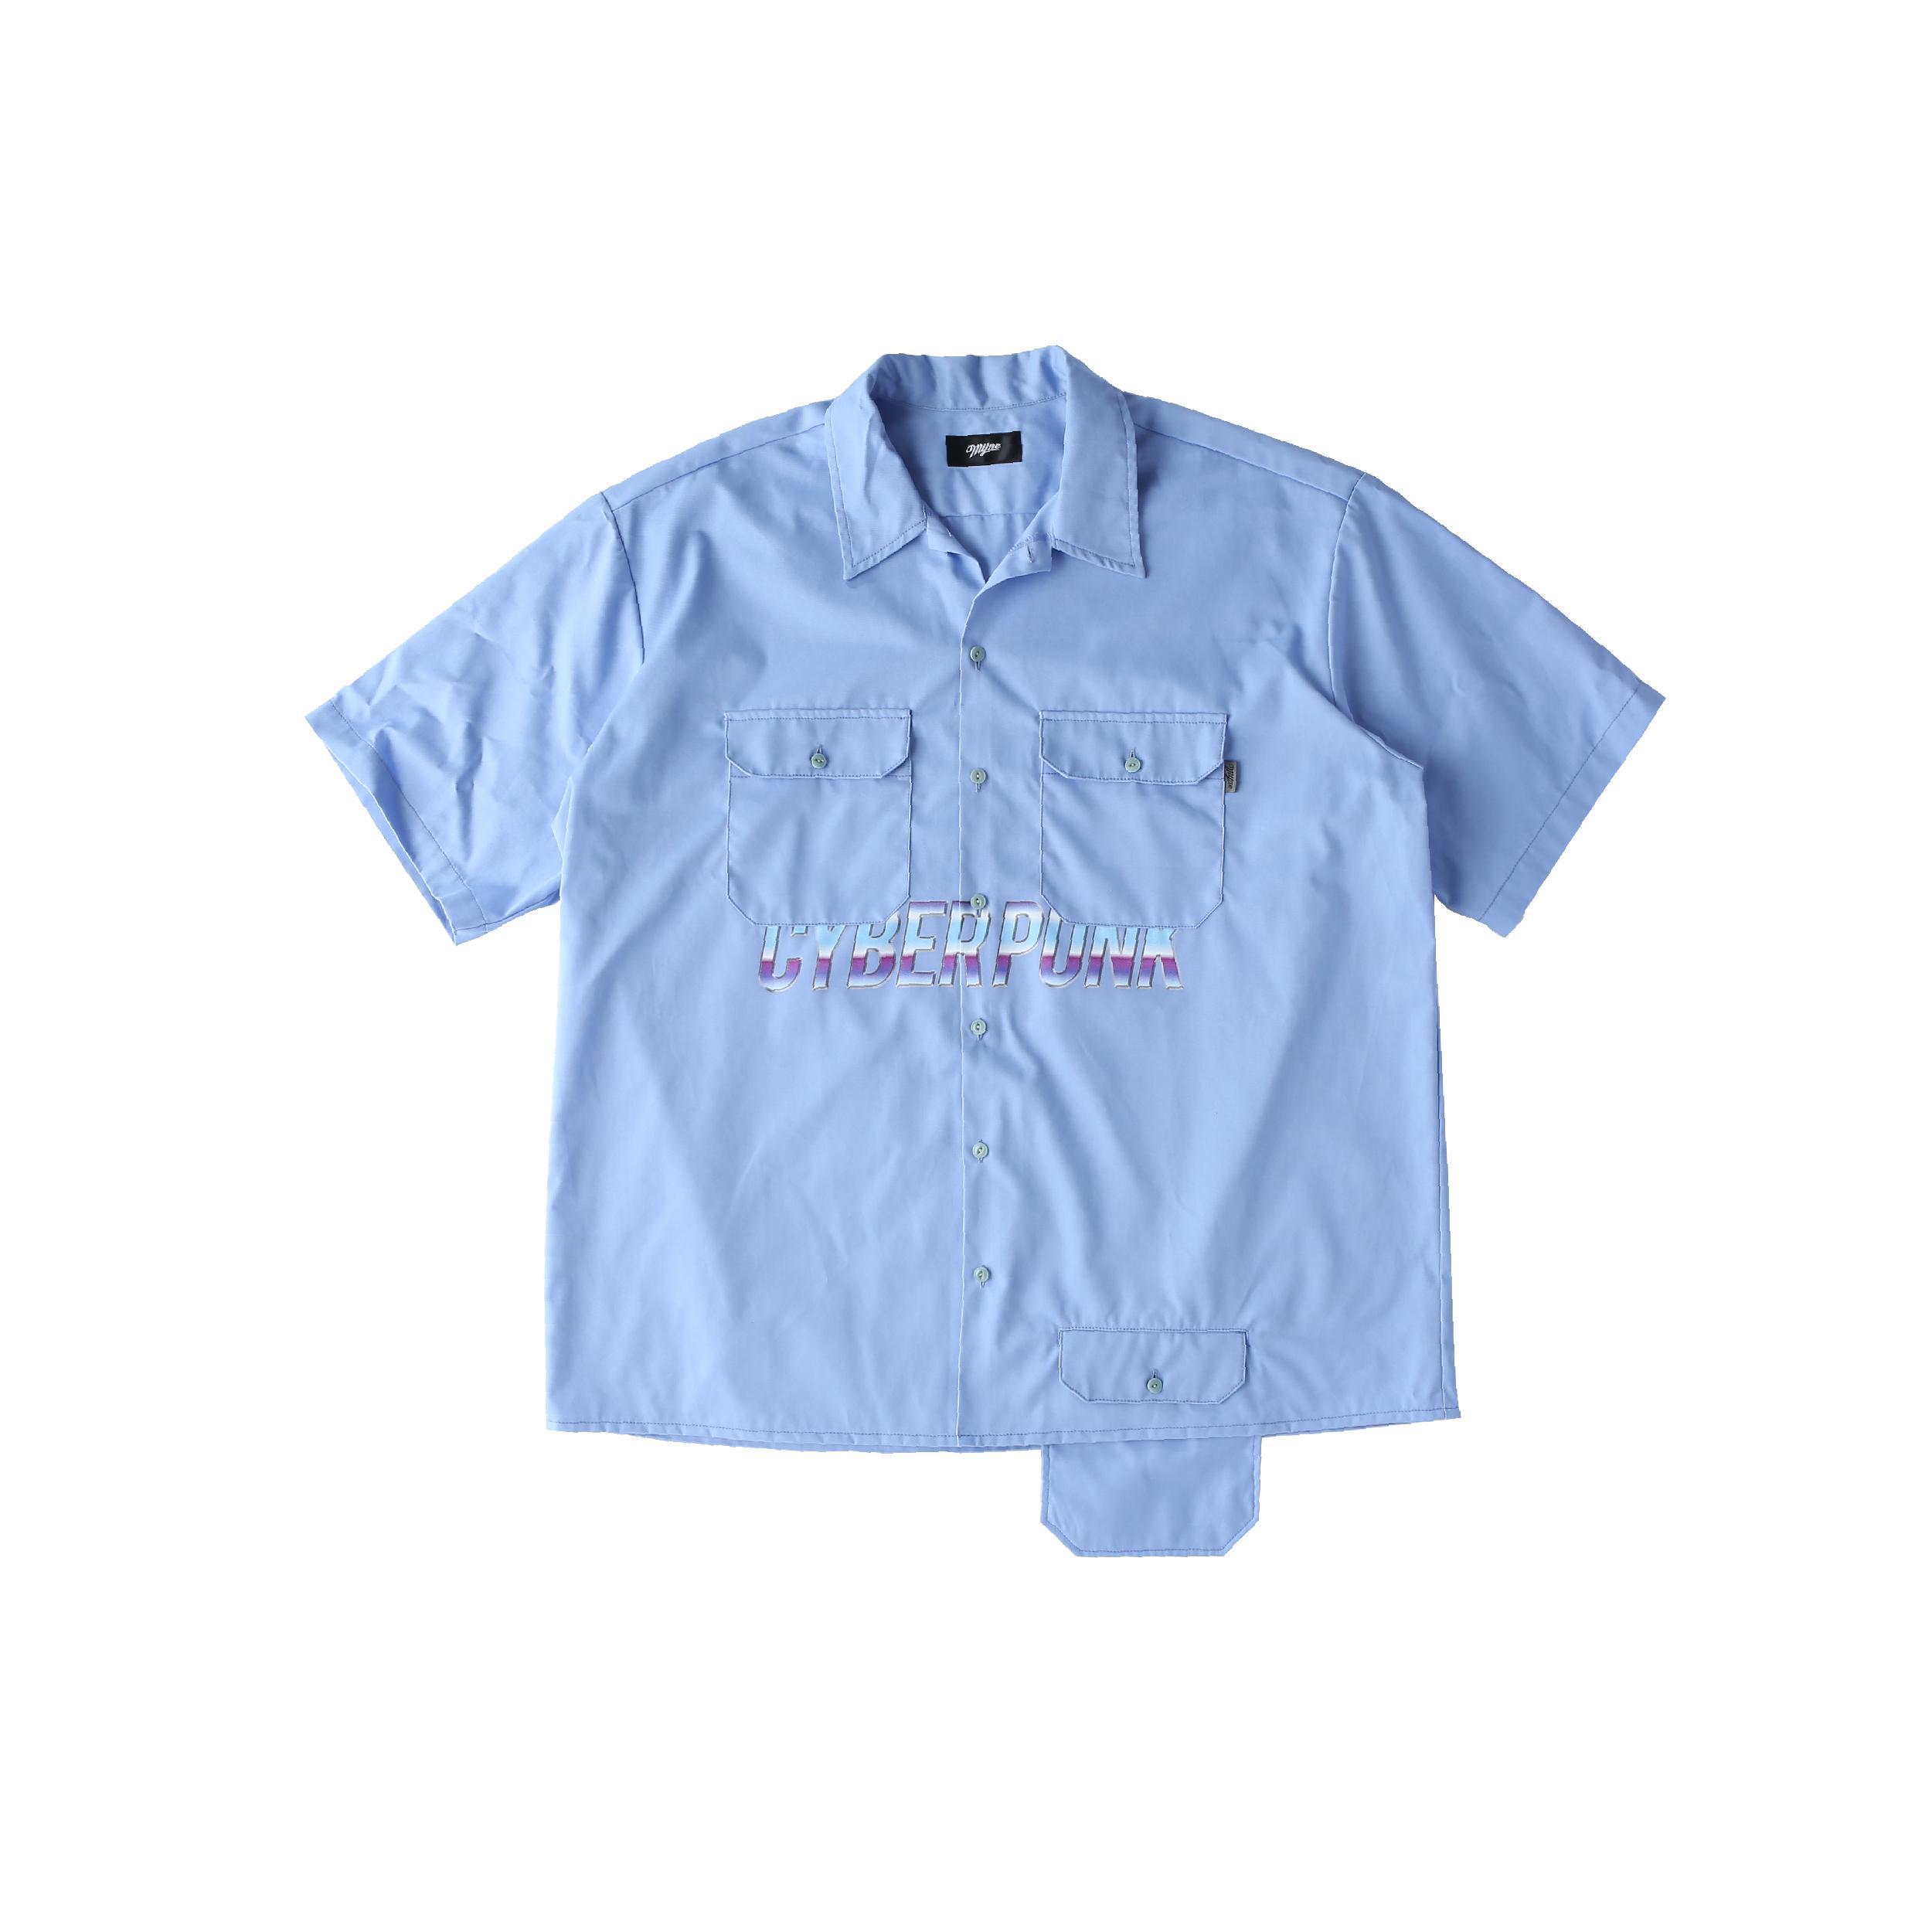 CYBER PUNK work shirt / BLUE - 画像1